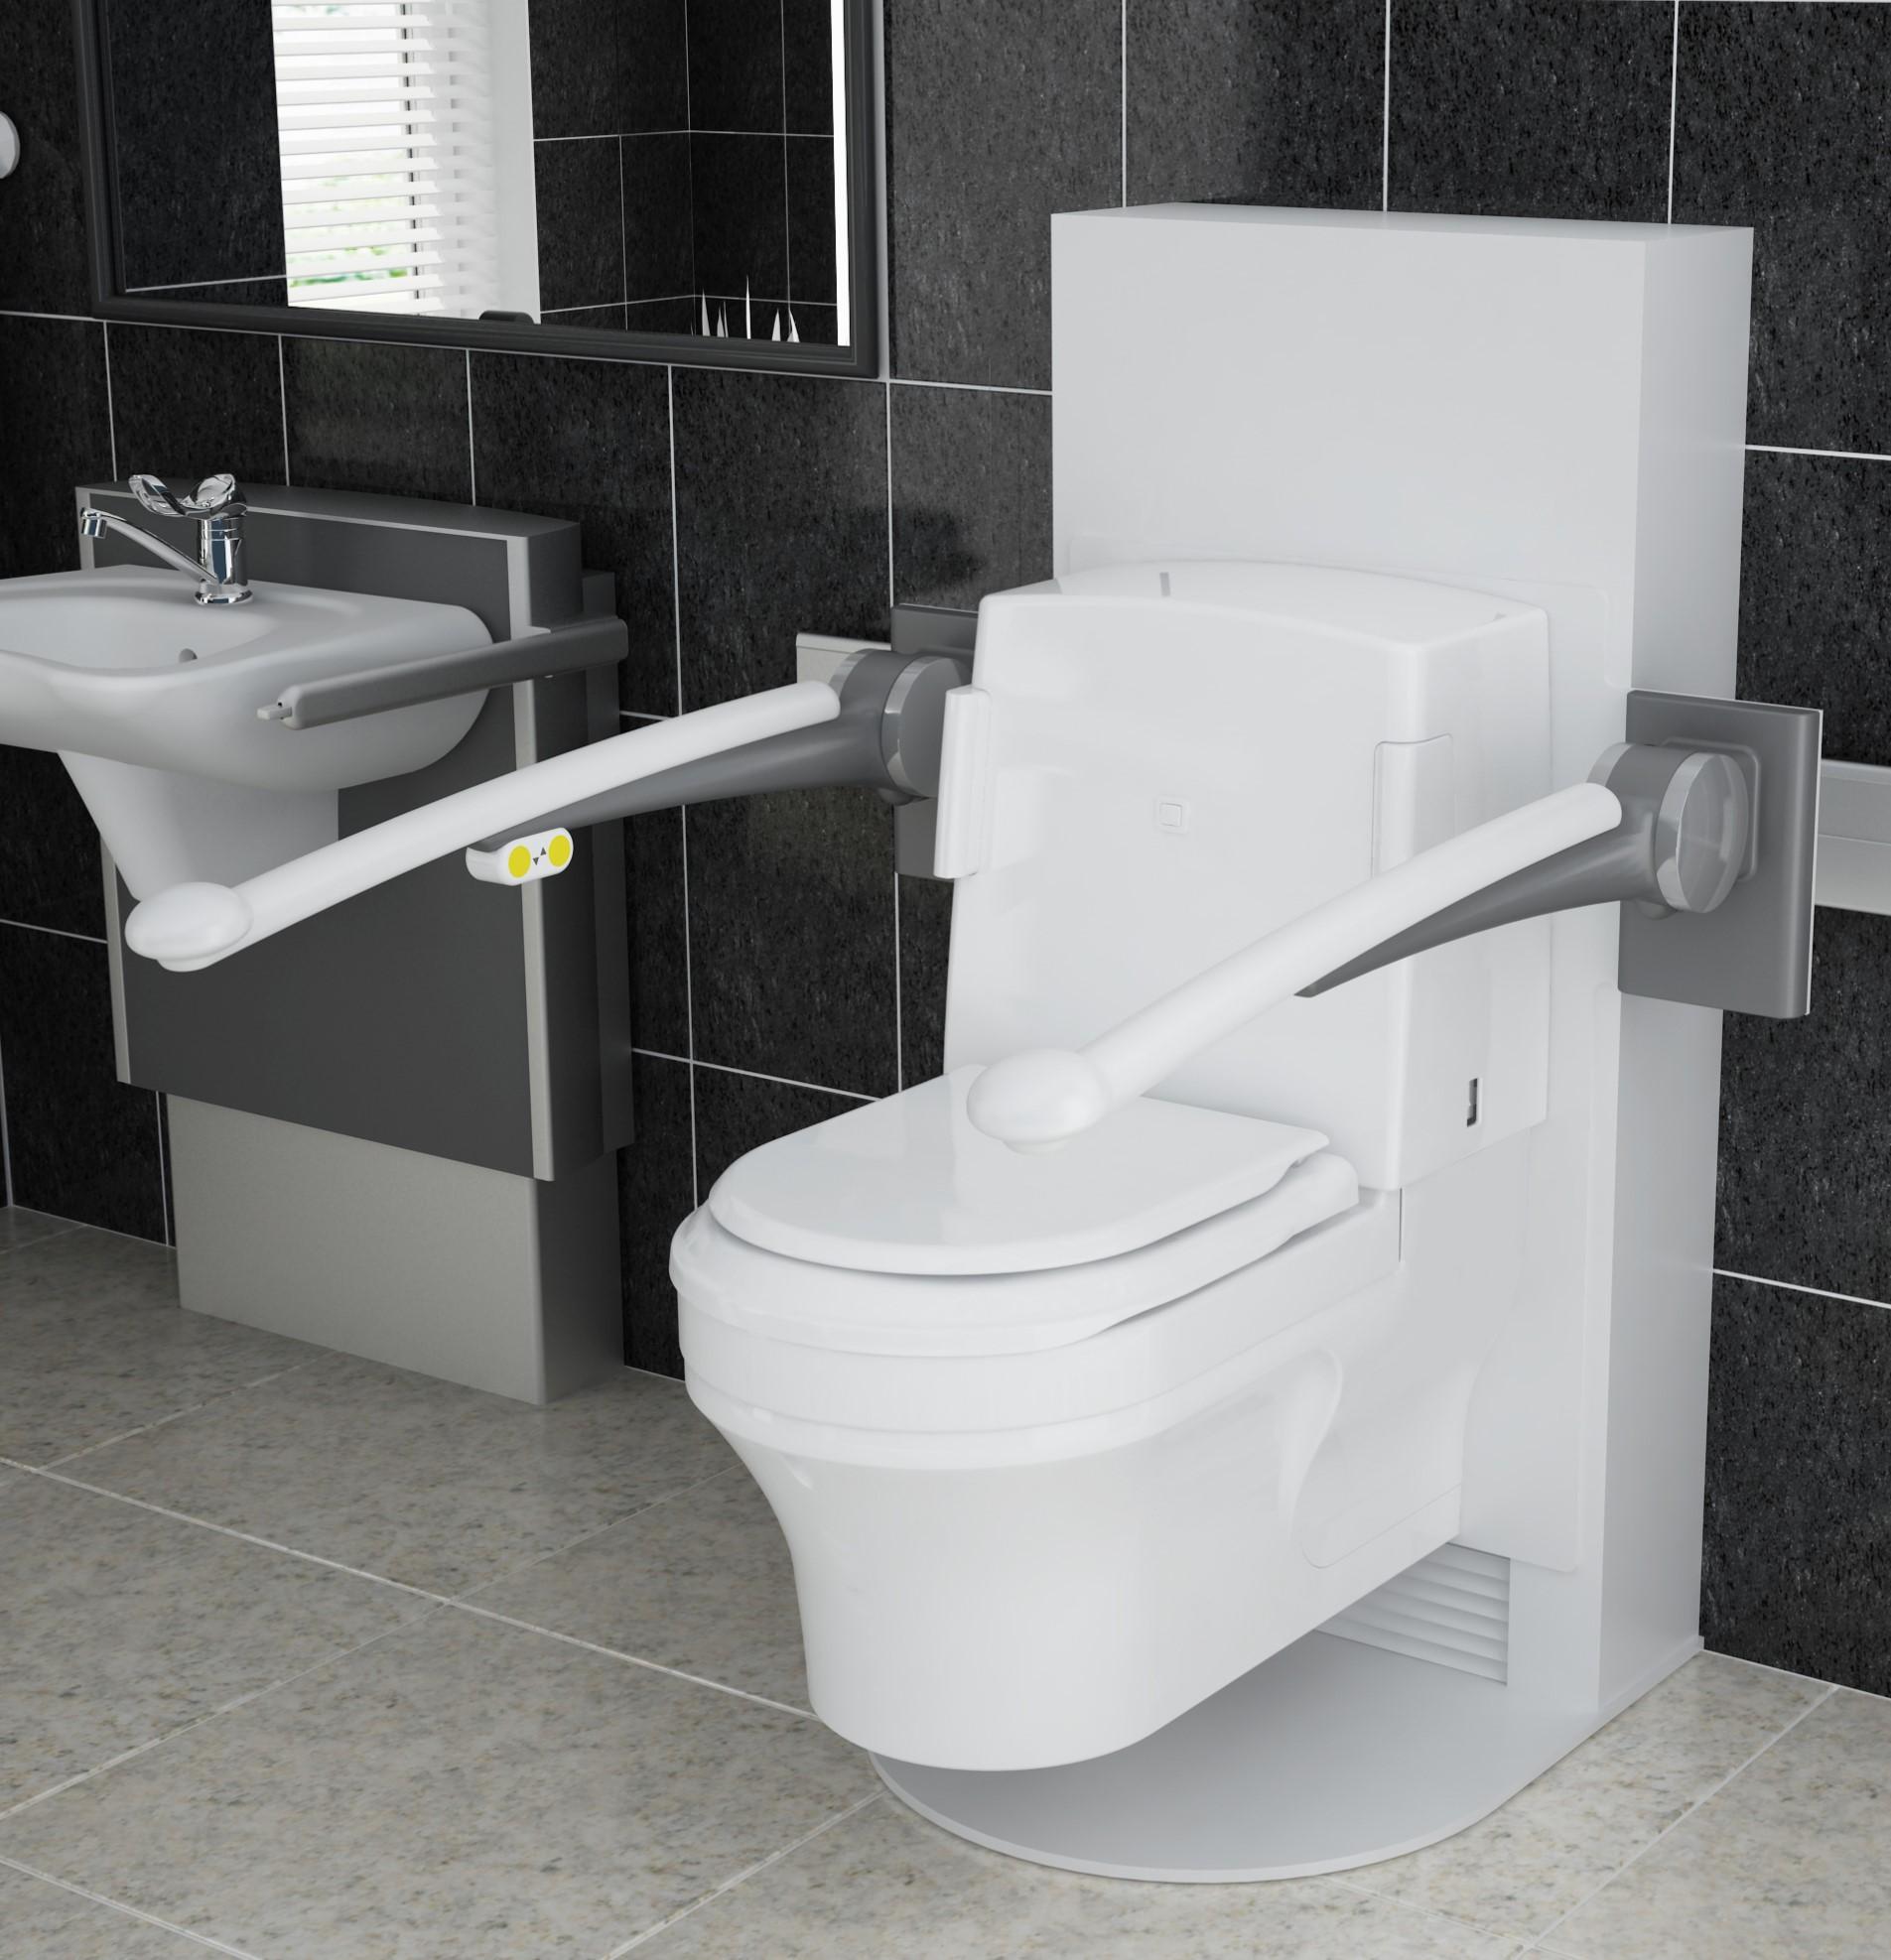 Fine In Hoogte Verstelbaar Toilet Toilet Op Maat Pabps2019 Chair Design Images Pabps2019Com